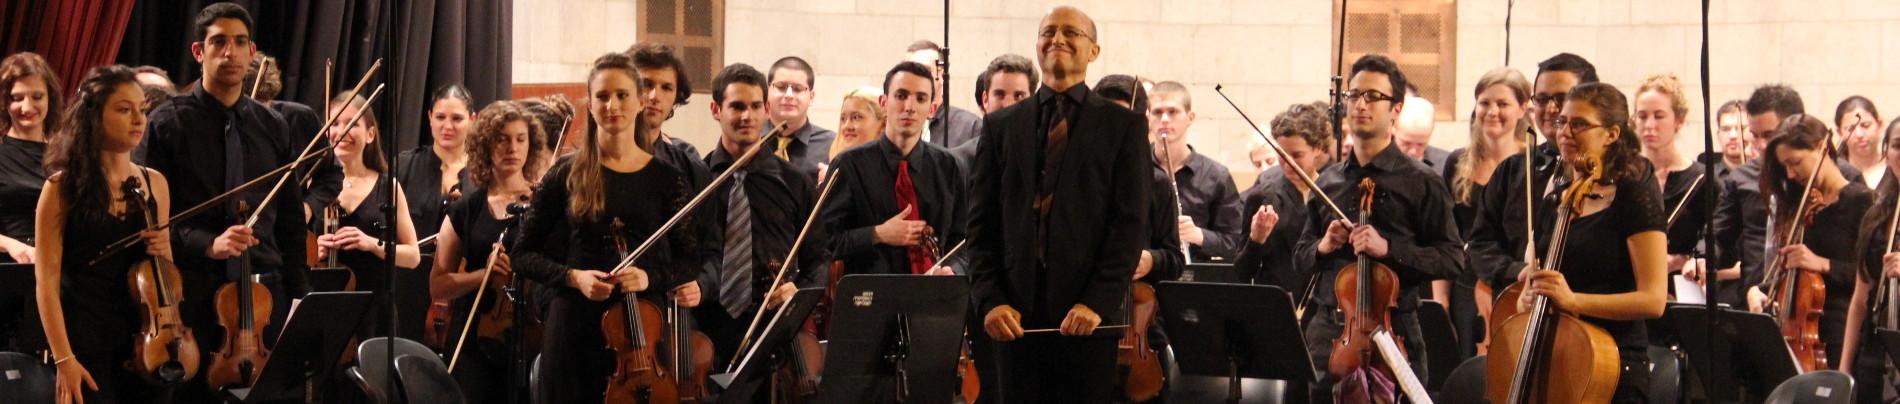 החוג לכלי תזמורת